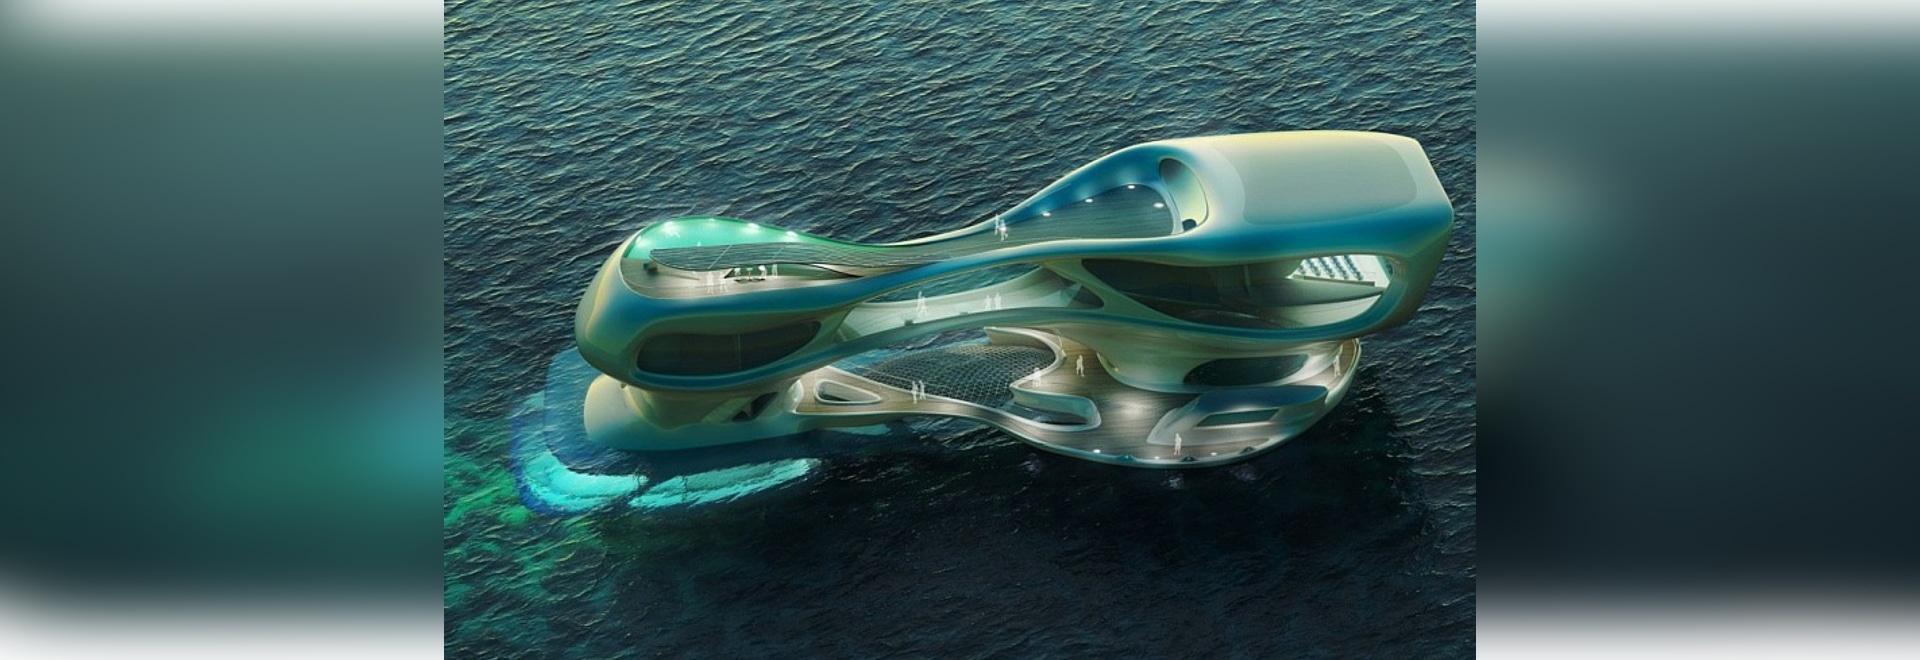 Aquatecture promueve la innovación